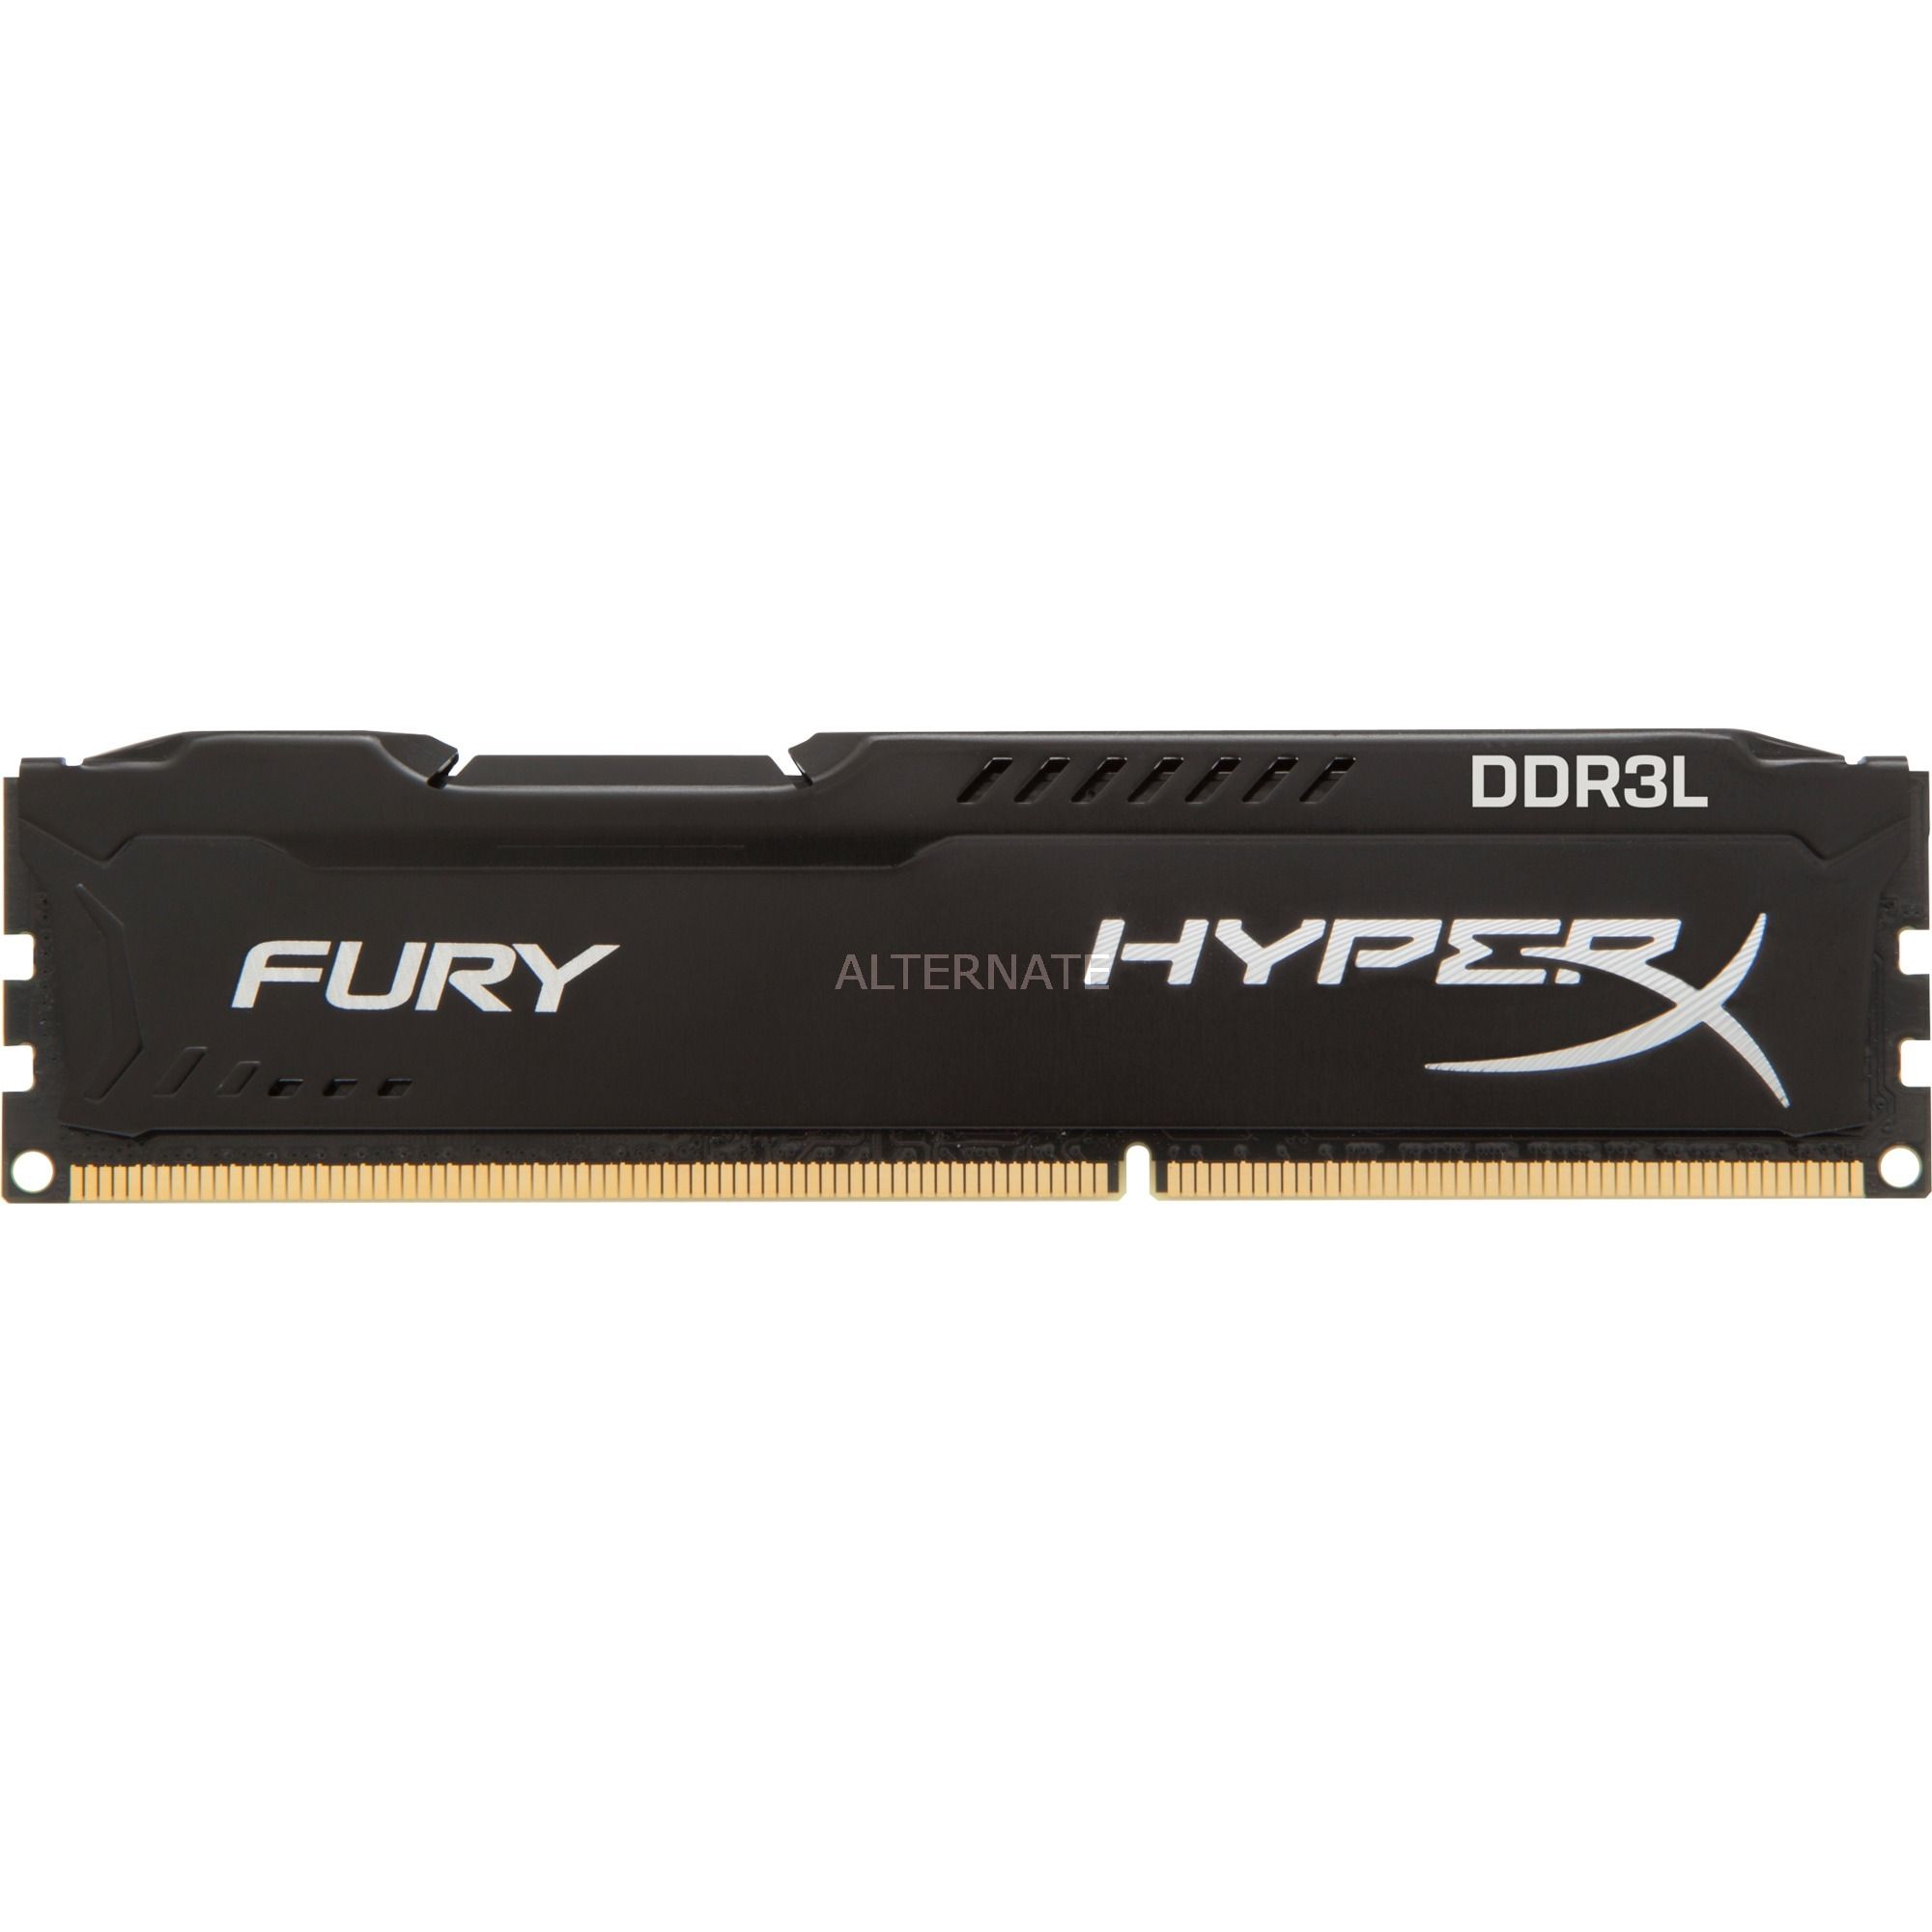 8GB, DDR3L módulo de memoria 1866 MHz, Memoria RAM